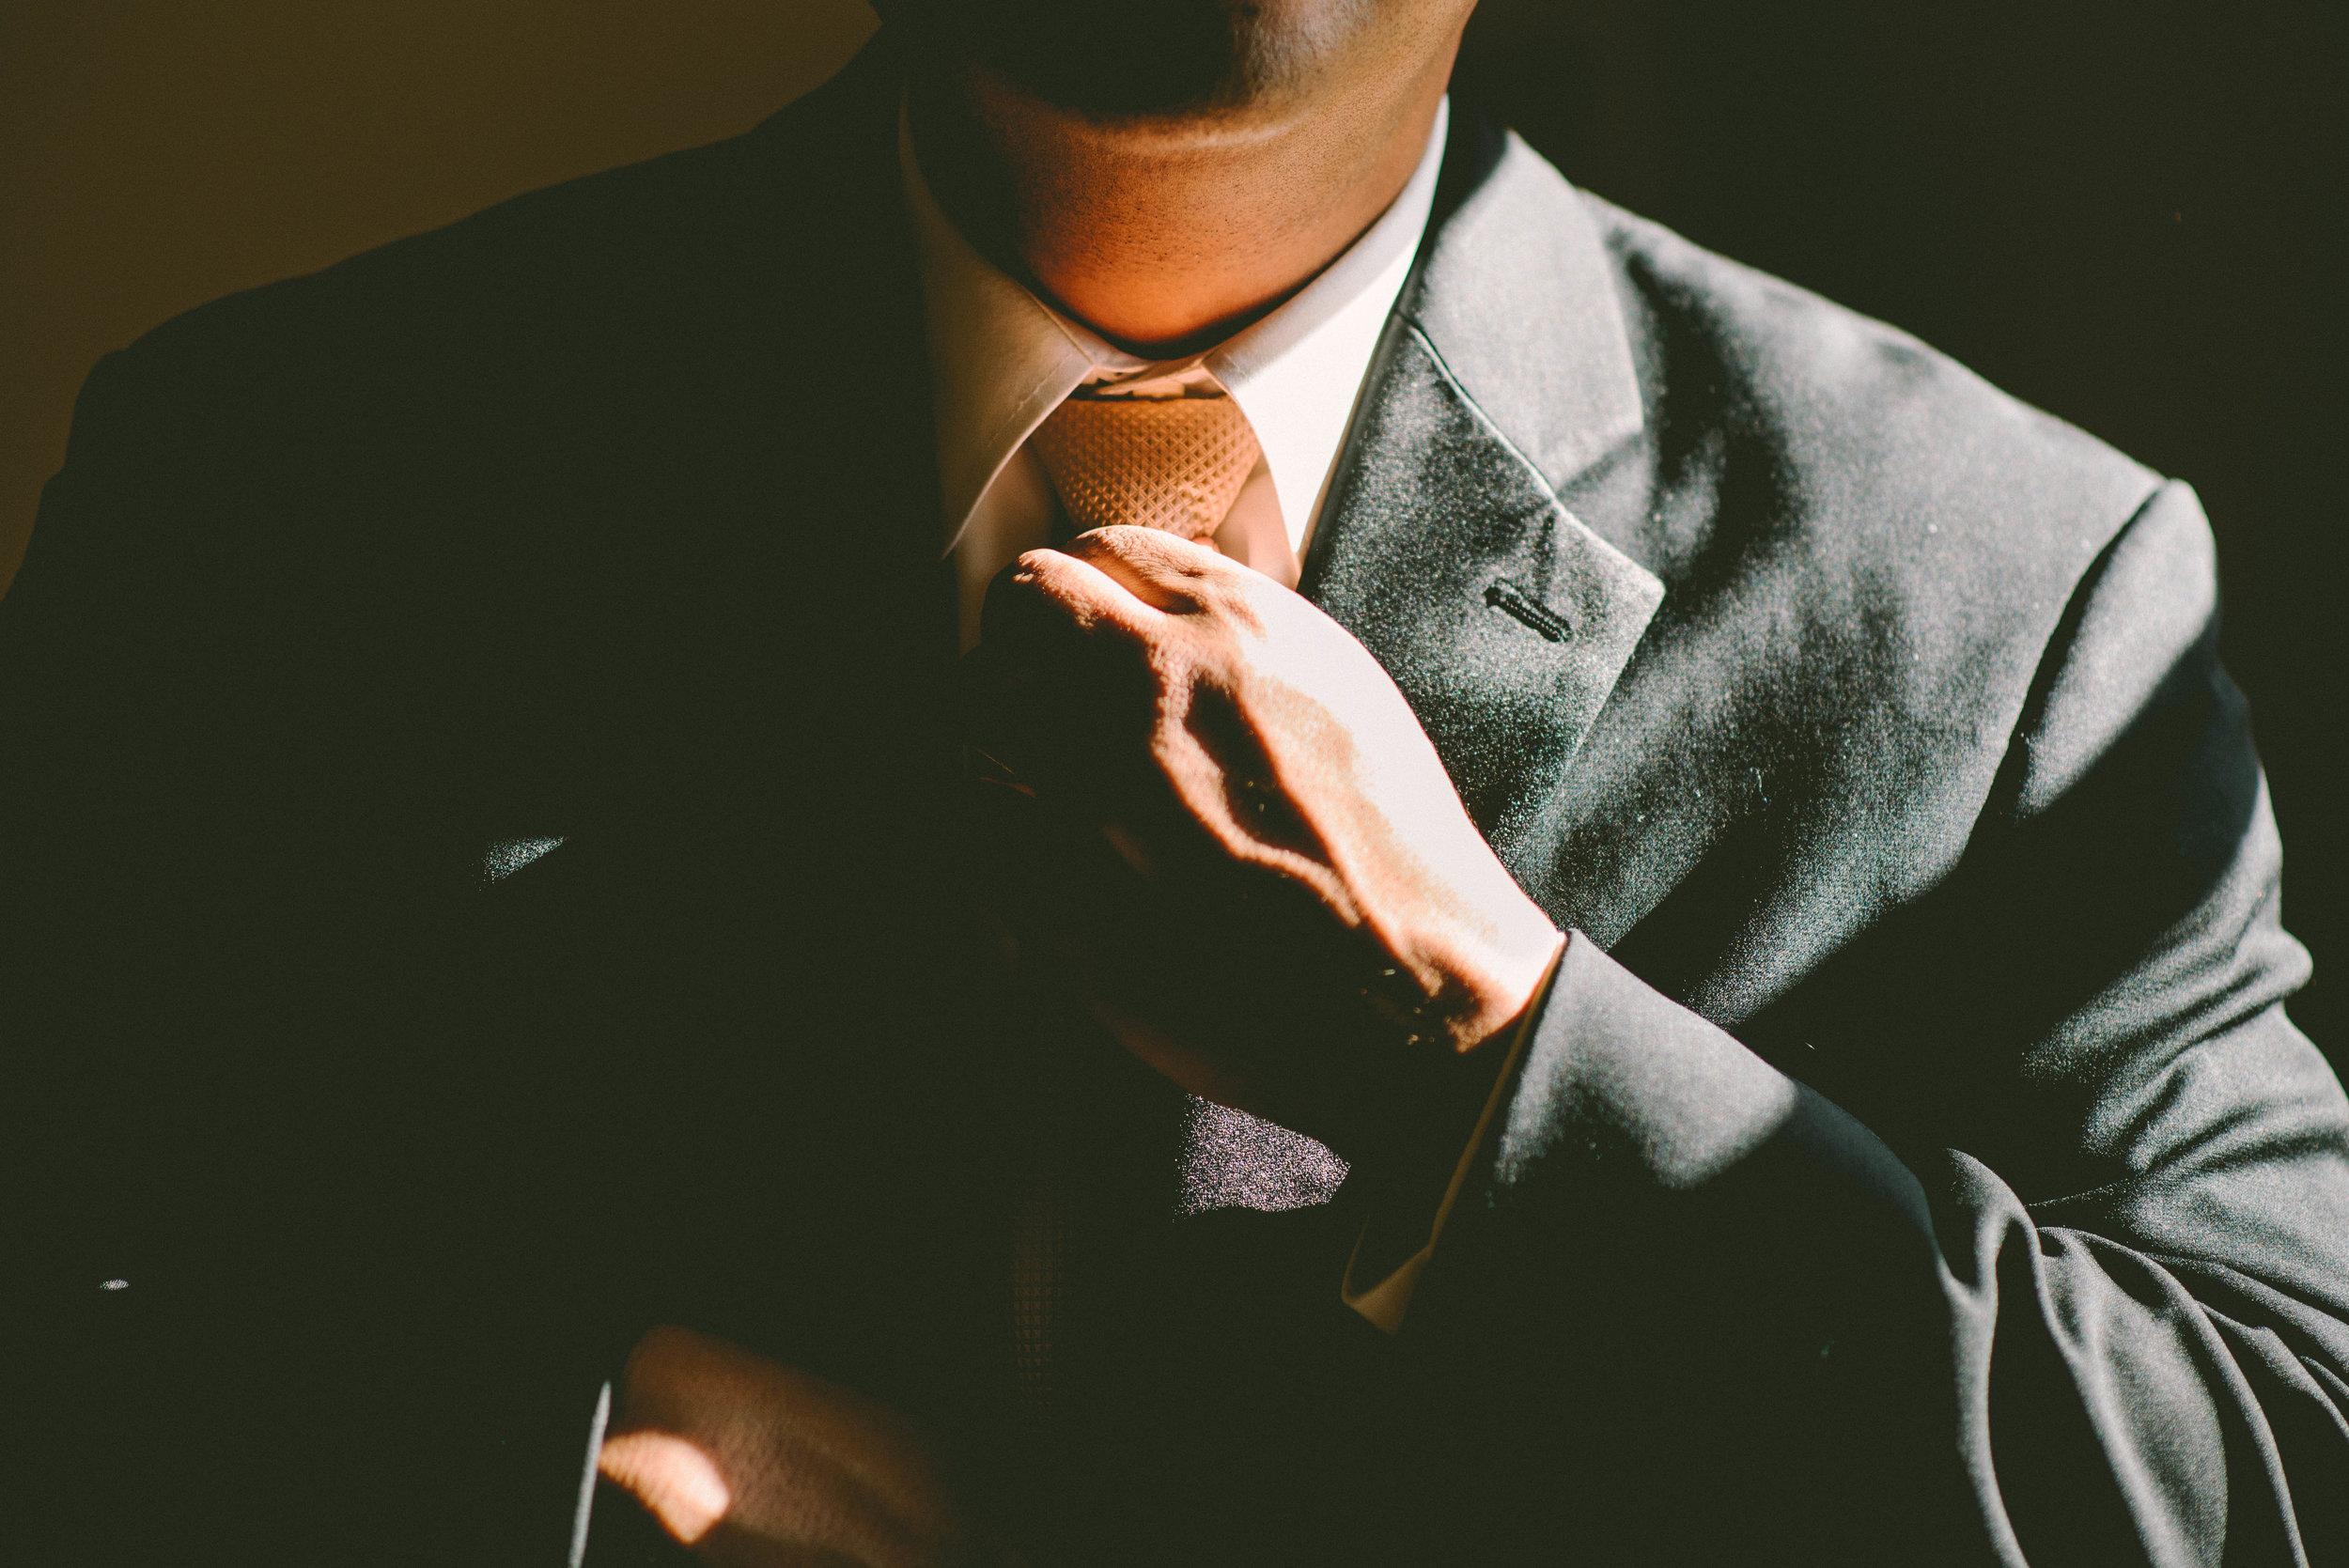 am businessboi :3